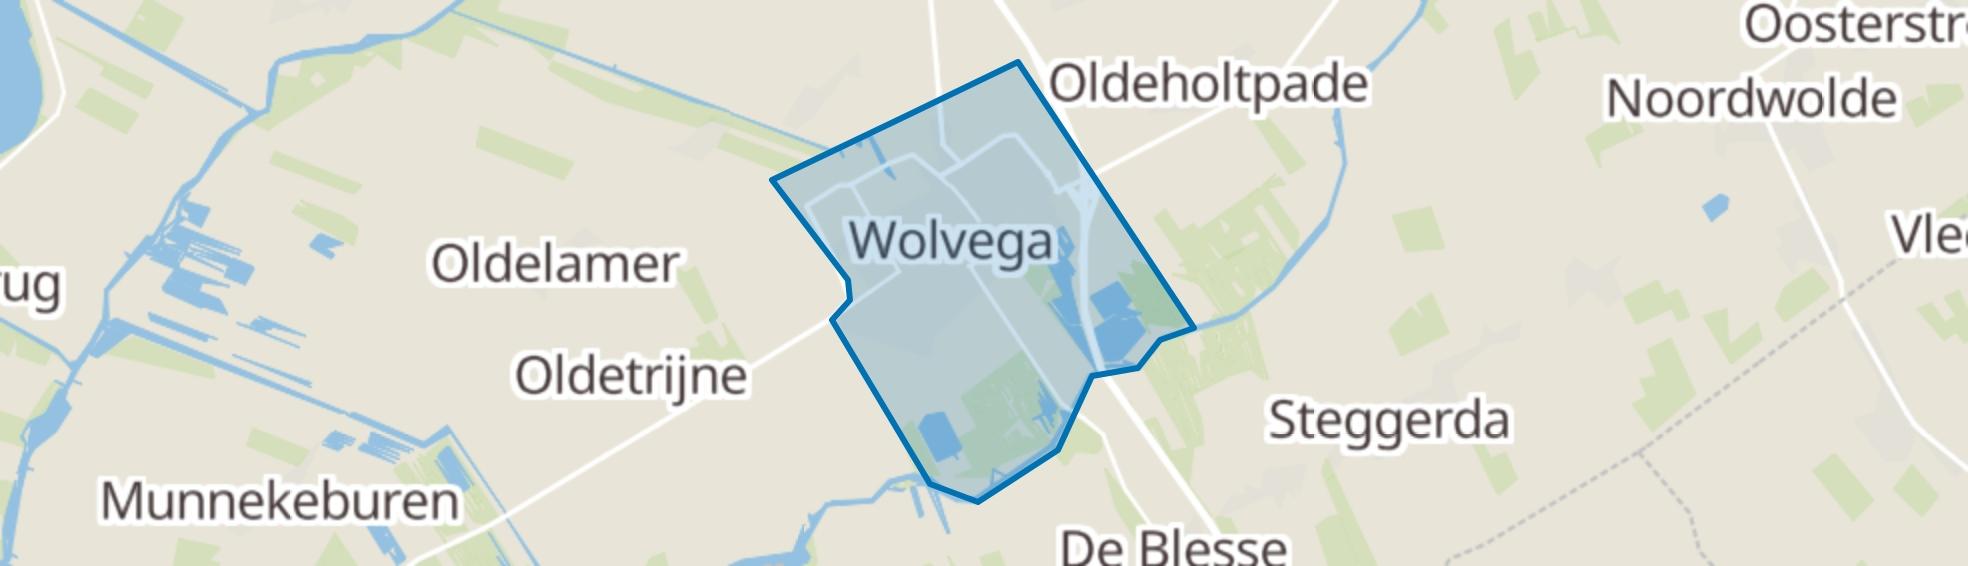 Wolvega map